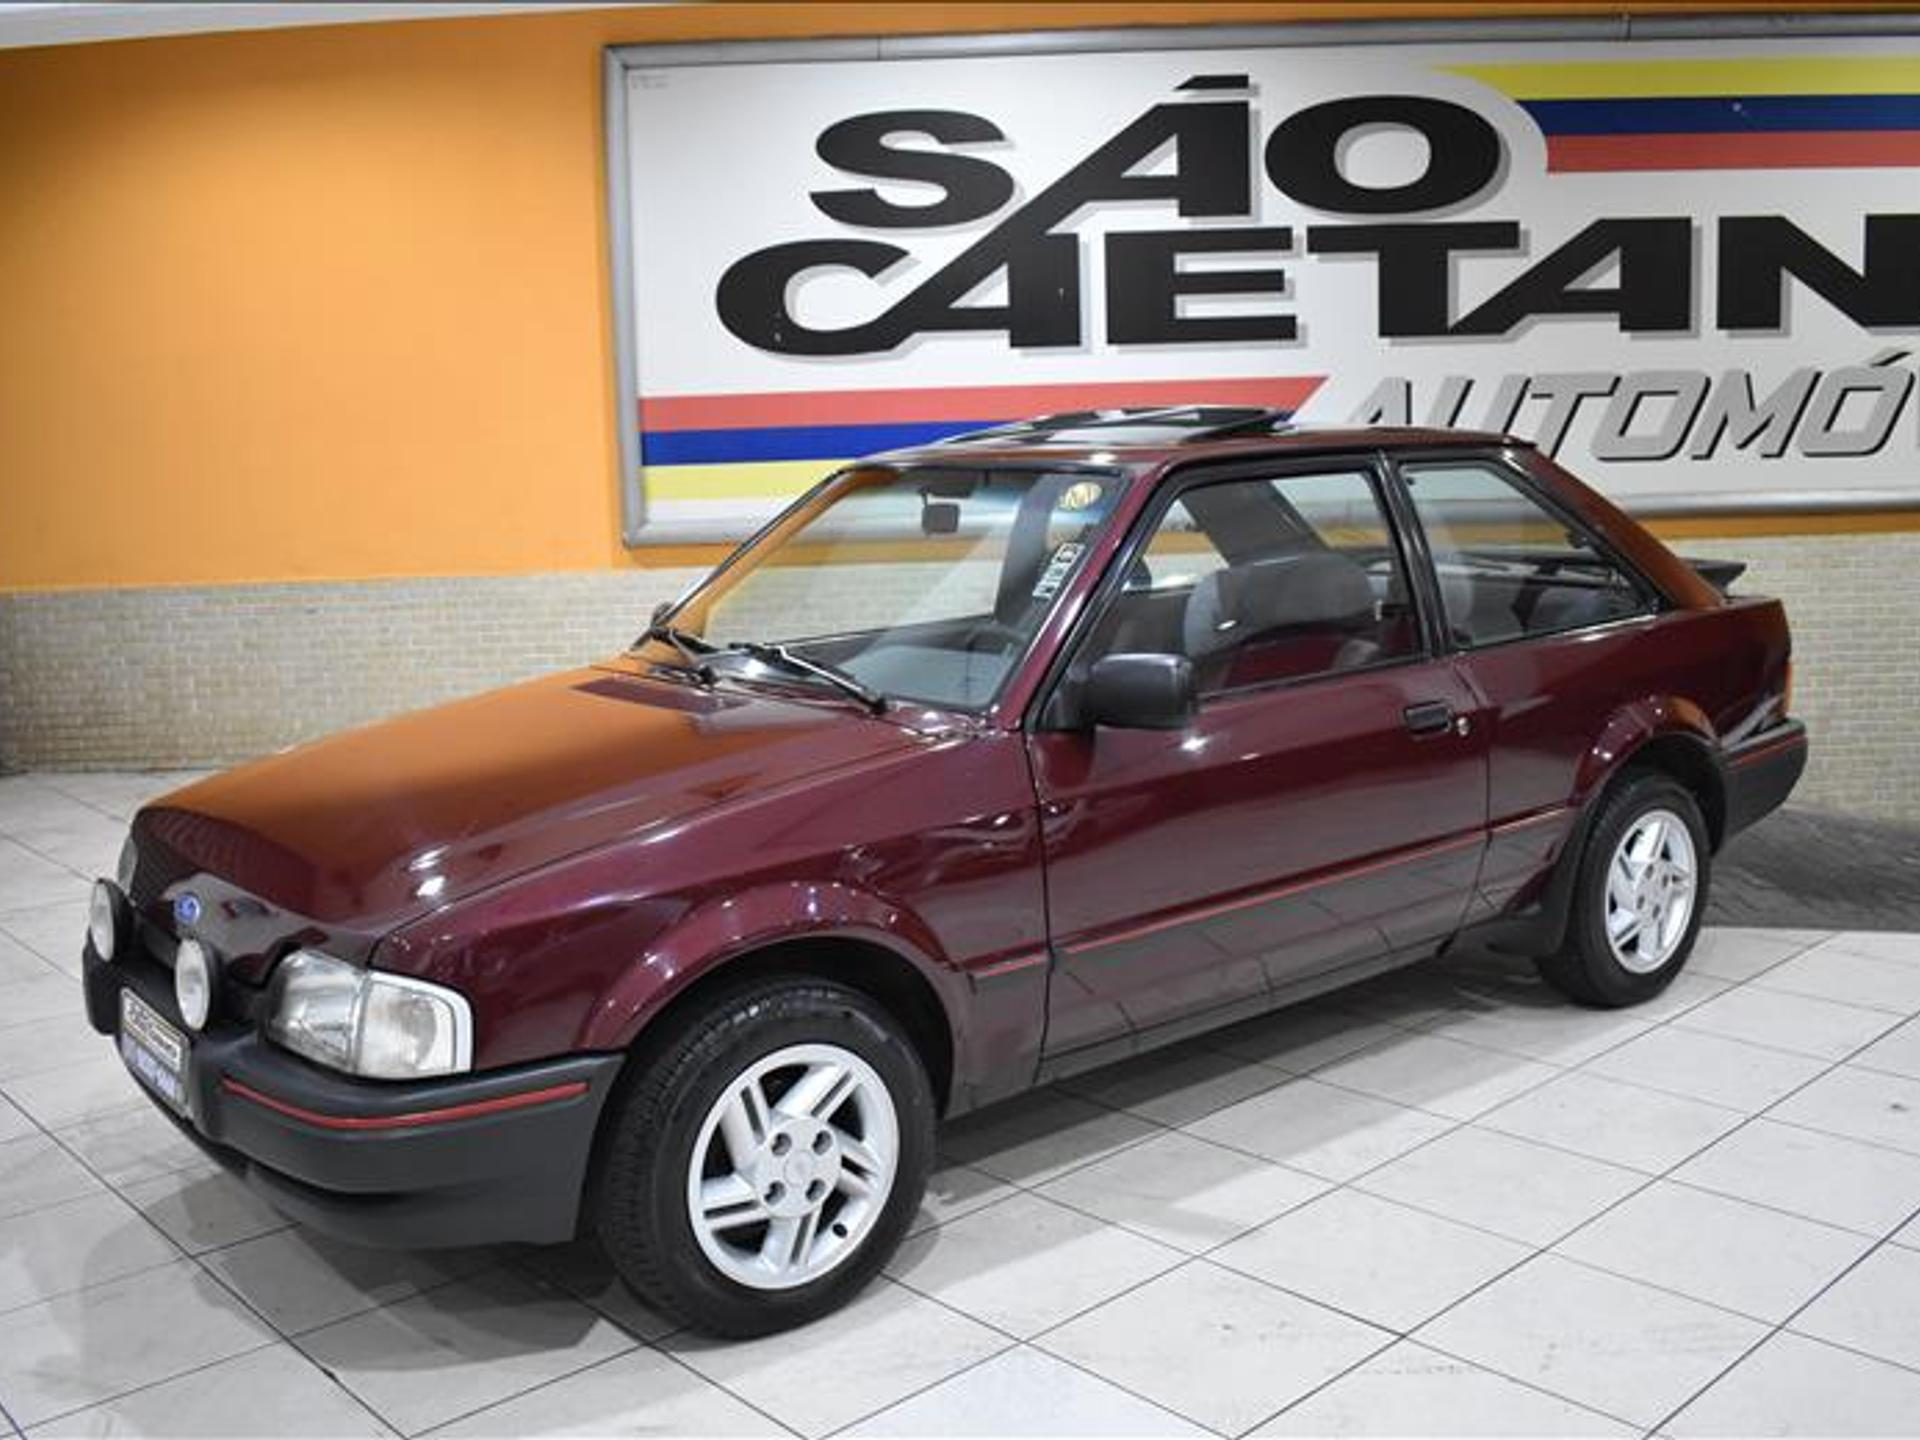 Ford Escort 1.6 na sua versão XR3: modelo fez sucesso no Brasil e é um dos 10 carros mais vendidos da história